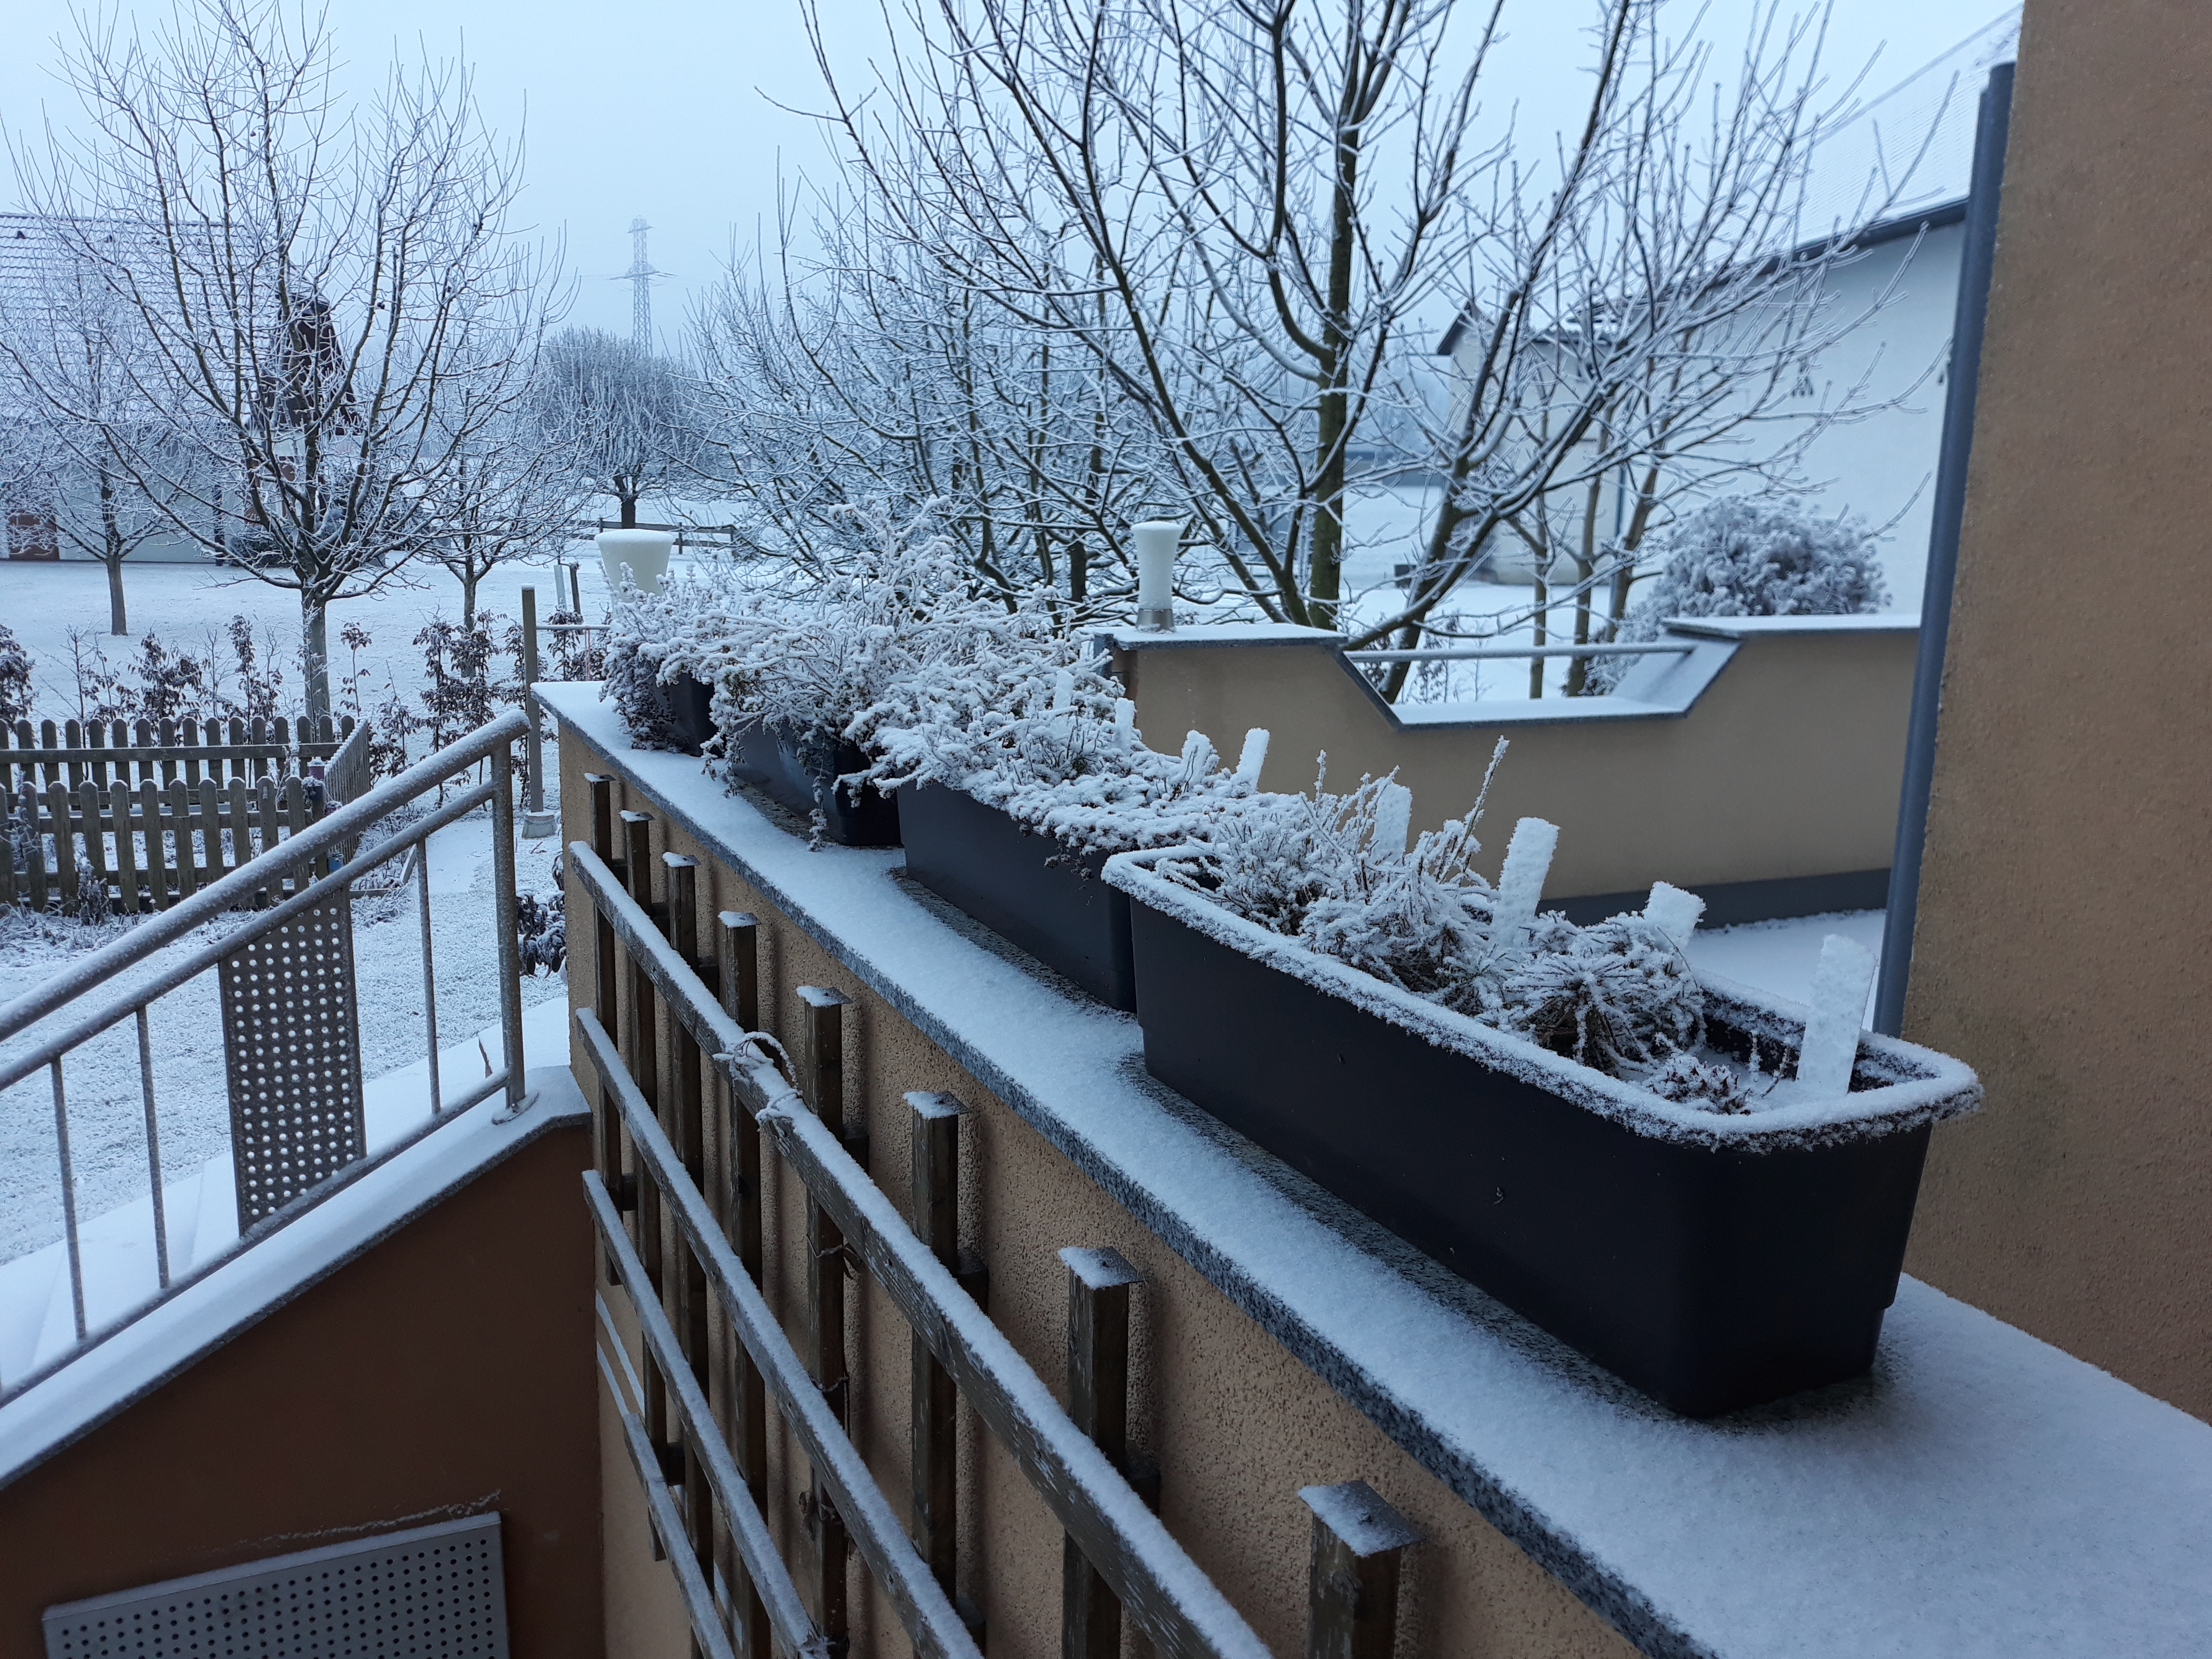 Winterpause ade!